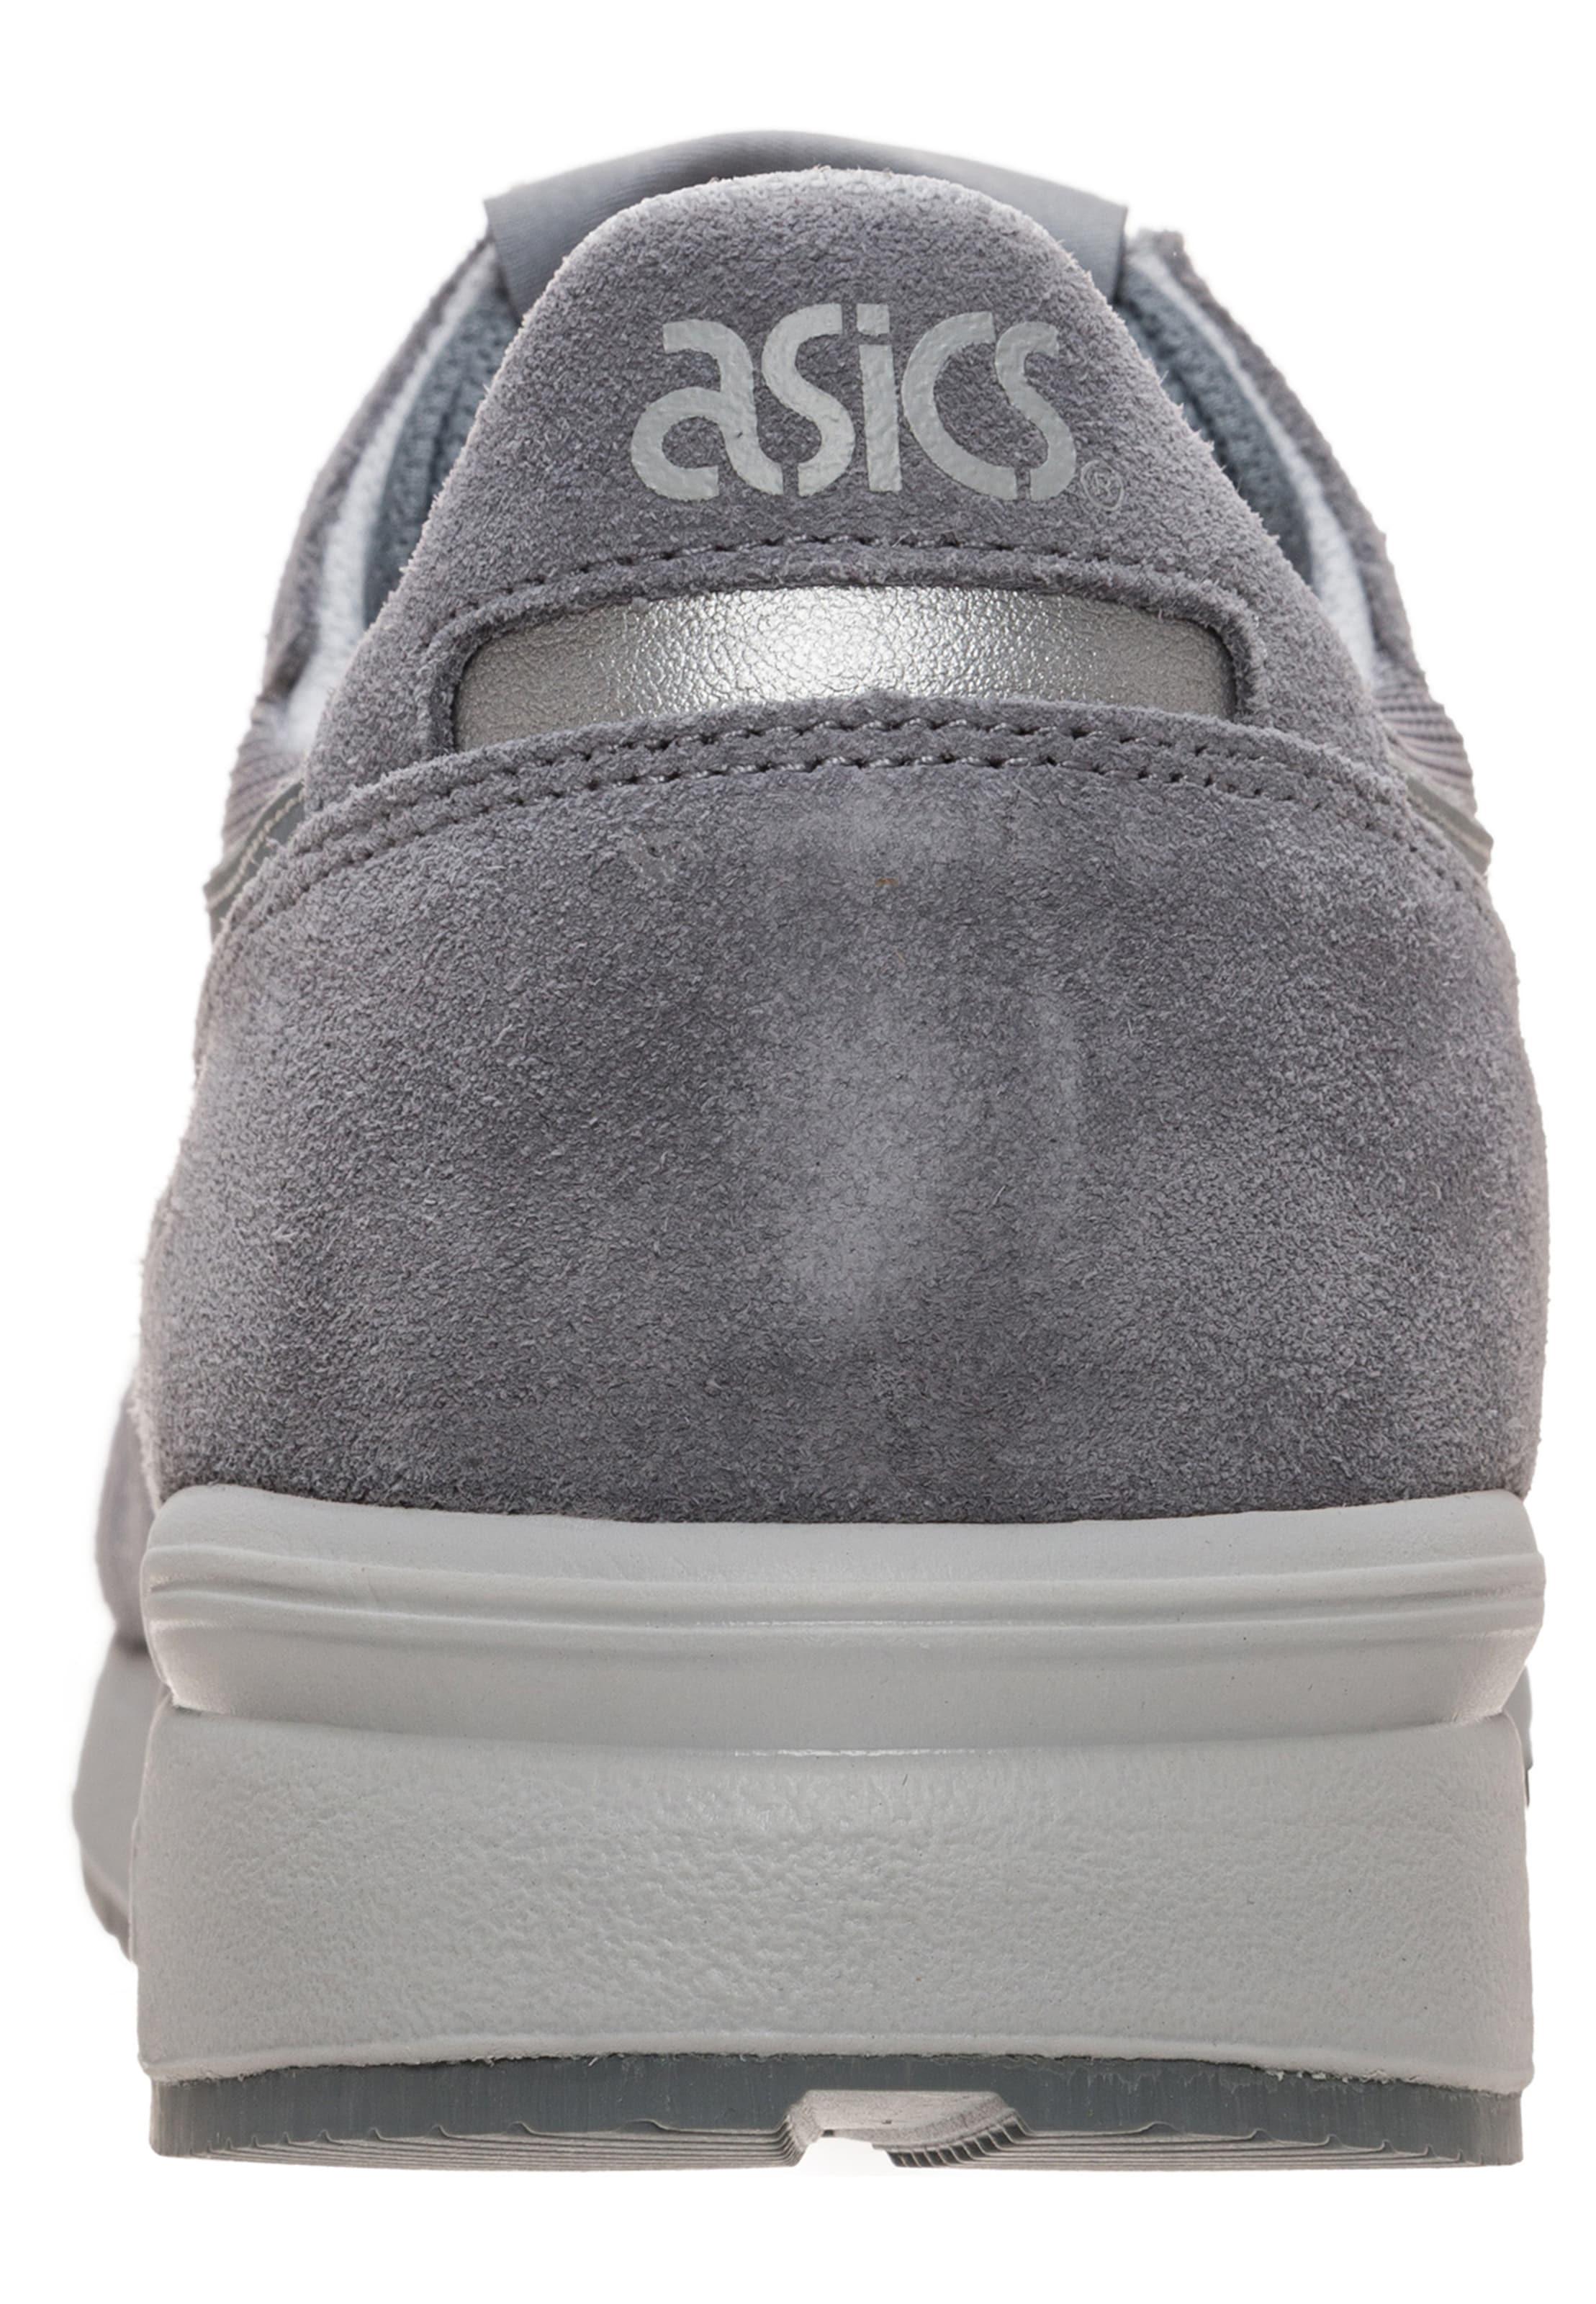 Asics Asics Asics Tiger 'Gel-Lyte' Turnschuhe Leder, Textil Lässig wild 365b6a